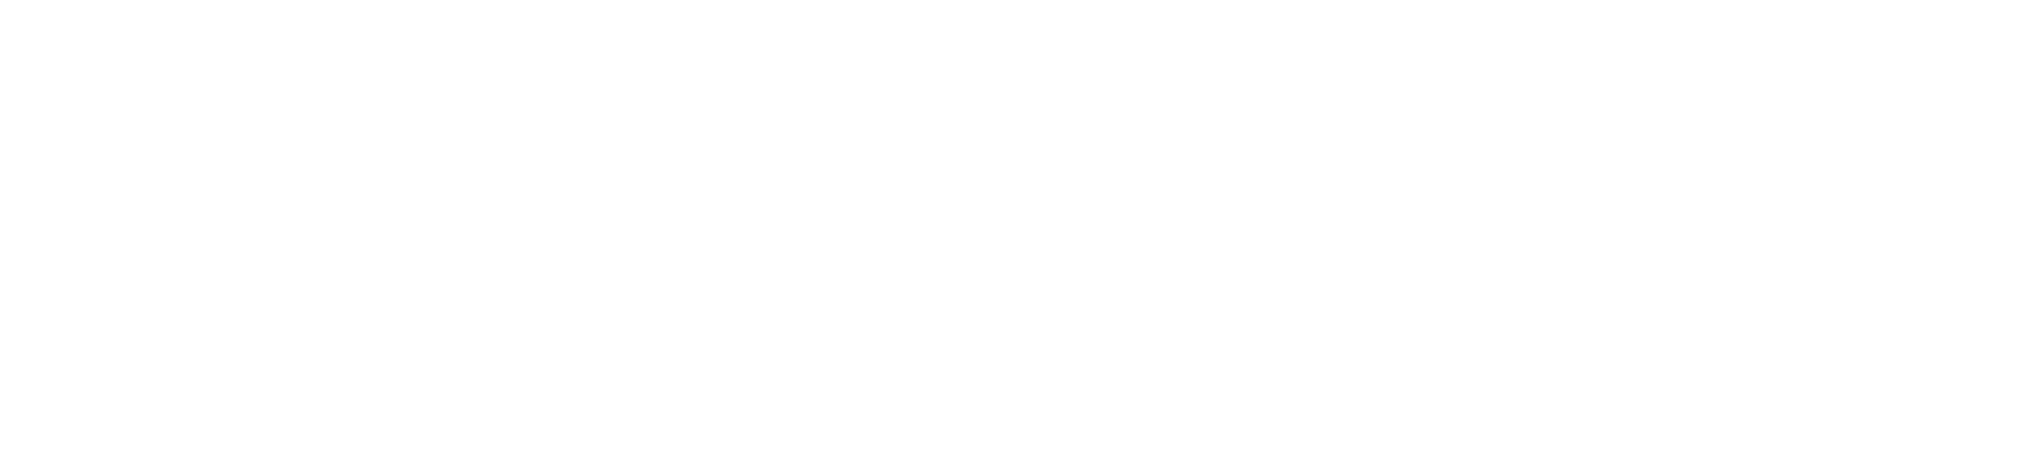 GT REPORT